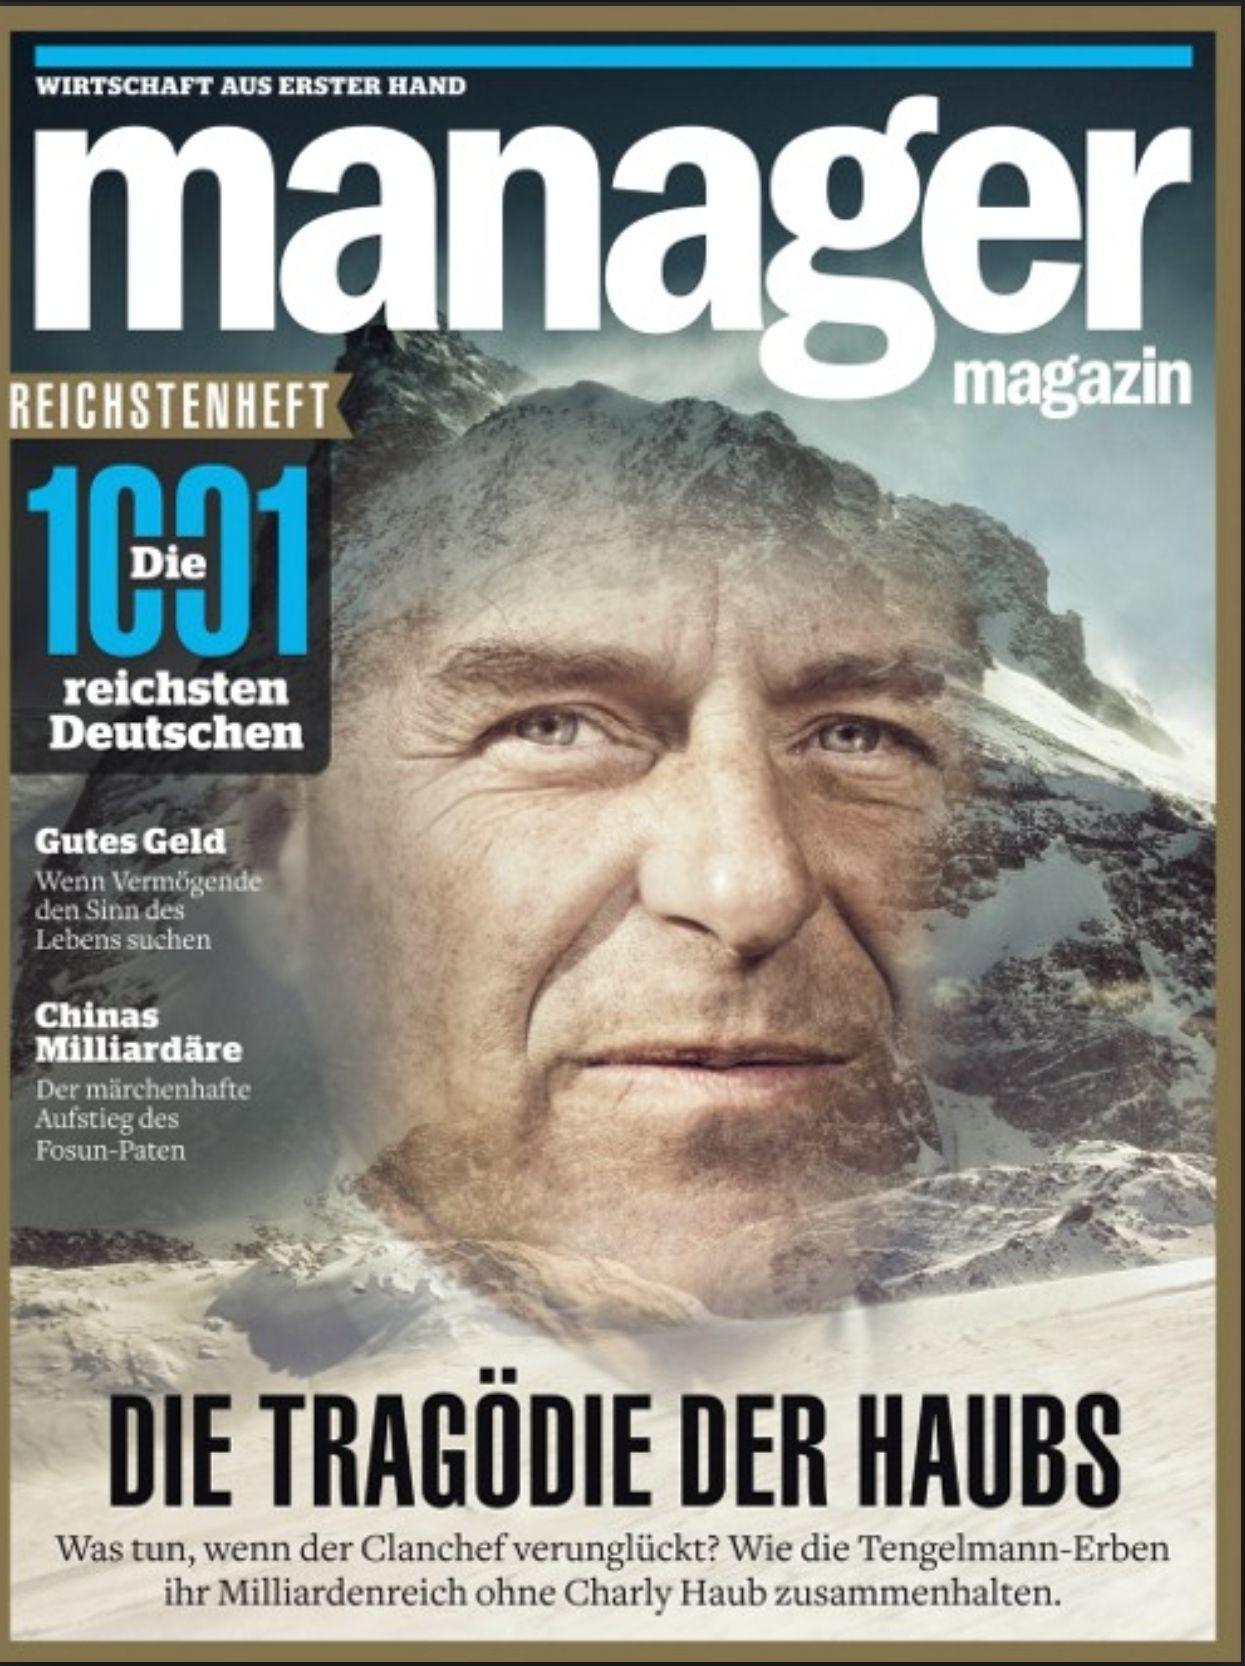 [Spartanien] 3 Ausgaben Manager Magazin lesen, €15 Amazon Gutschein vom Verlag + €10 Guthaben bei Spartanien erhalten